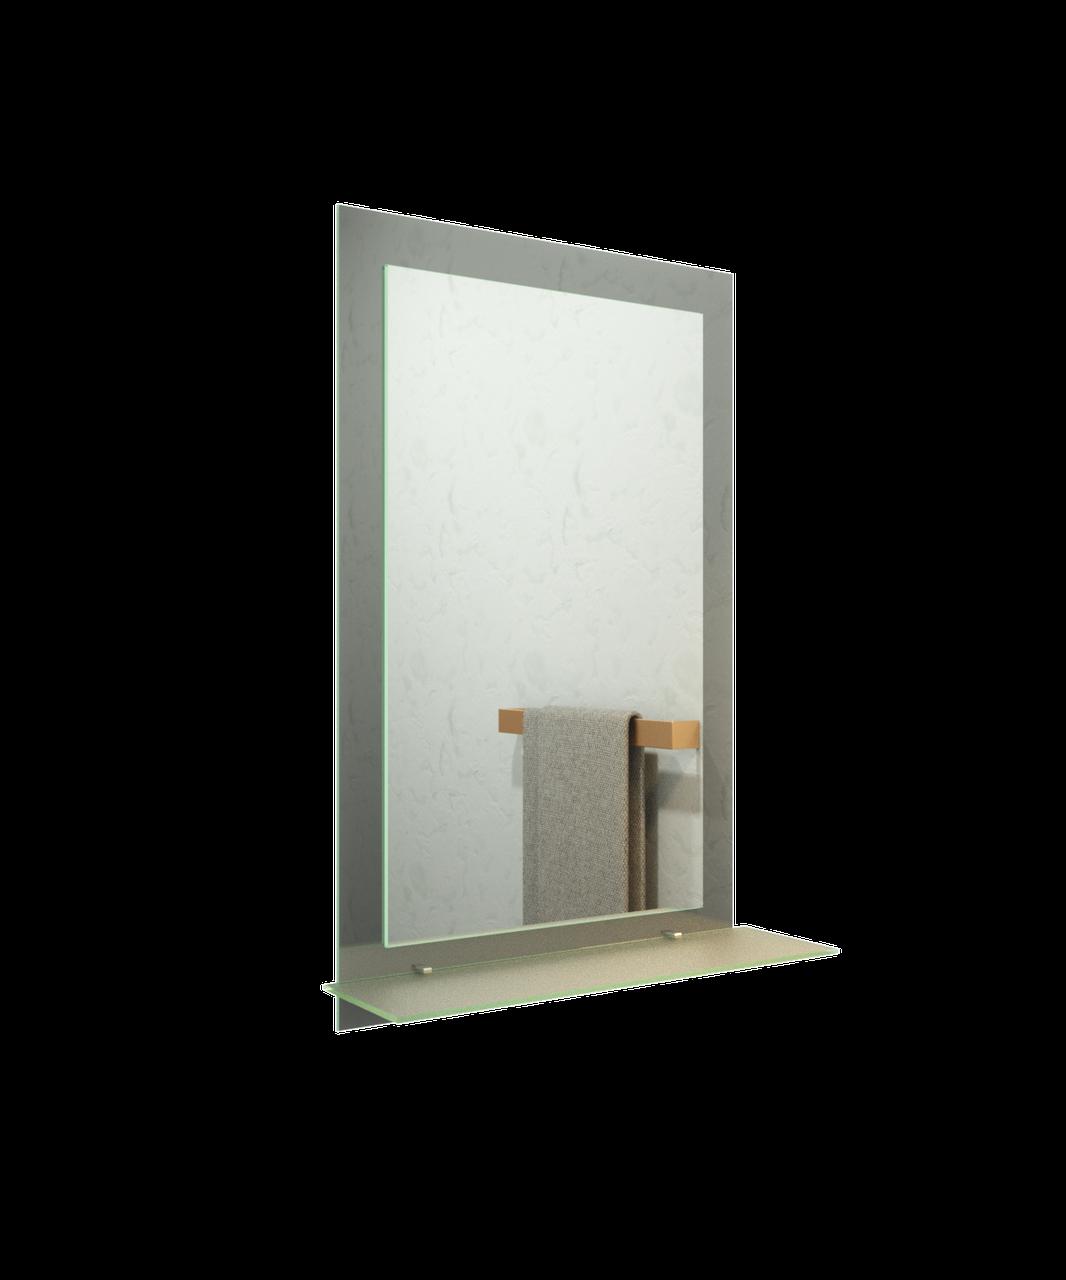 Зеркало для ванной комнаты 600х800 Ф66